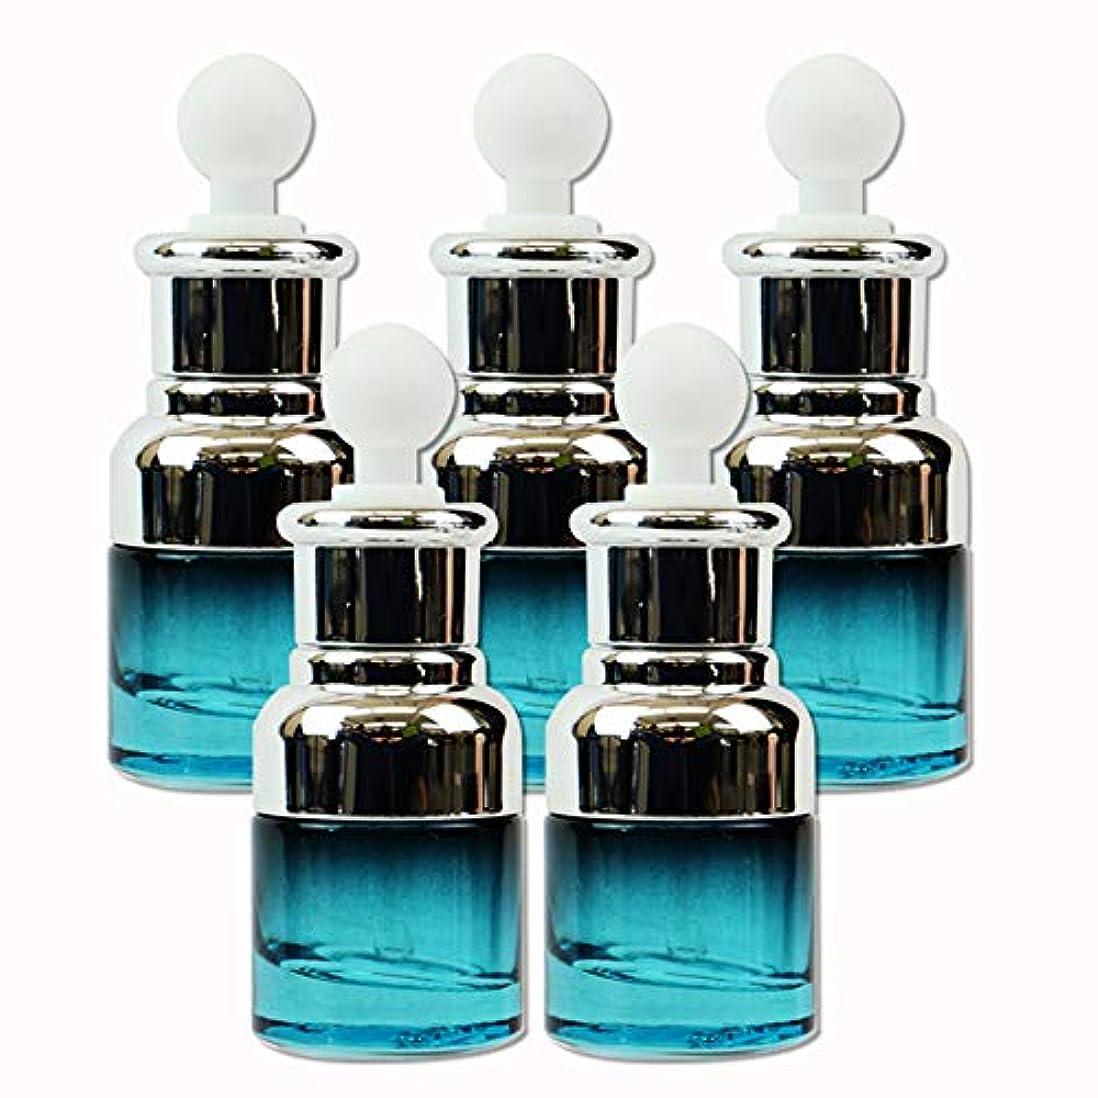 パーツ用心蜜edog ガラス製 遮光ボトル 5本セット スポイト式 20ml 香水 エッセンシャルオイル アロマ